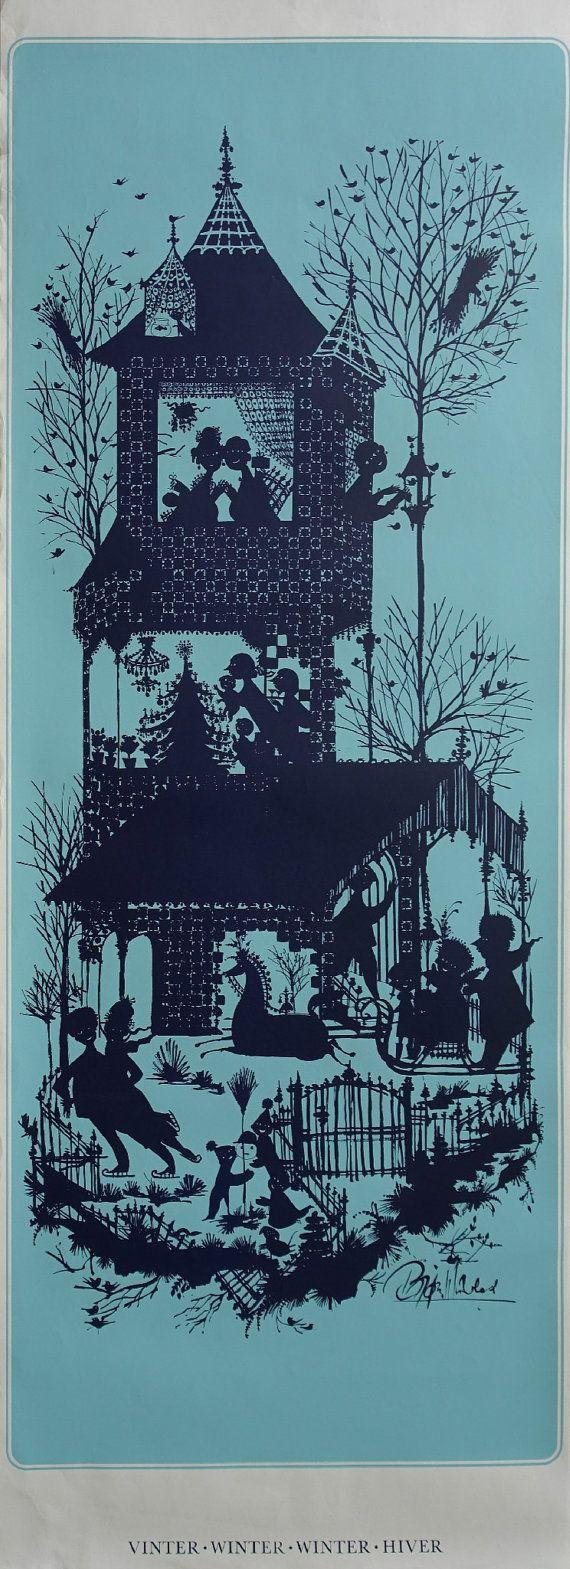 """1960s Bjørn Wiinblad """"Winter"""" (Blue edition) - Original Vintage Poster"""